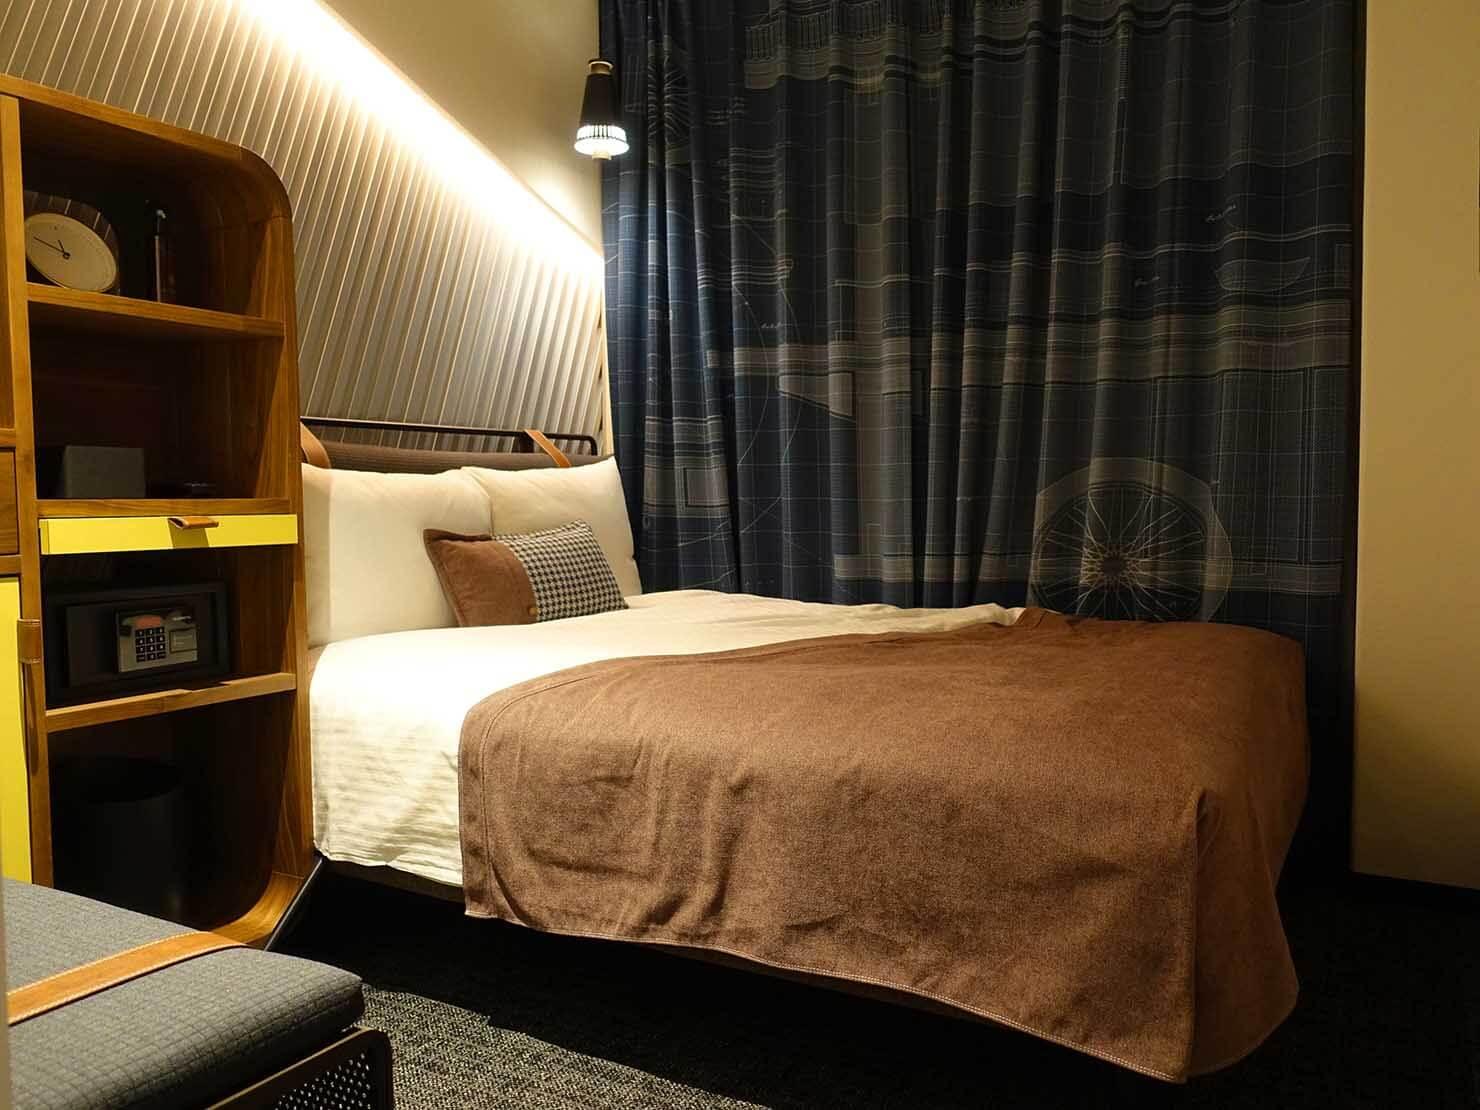 福岡・中洲川端にあるおしゃれなおすすめホテル「THE LIVELY」スタンダードダブル